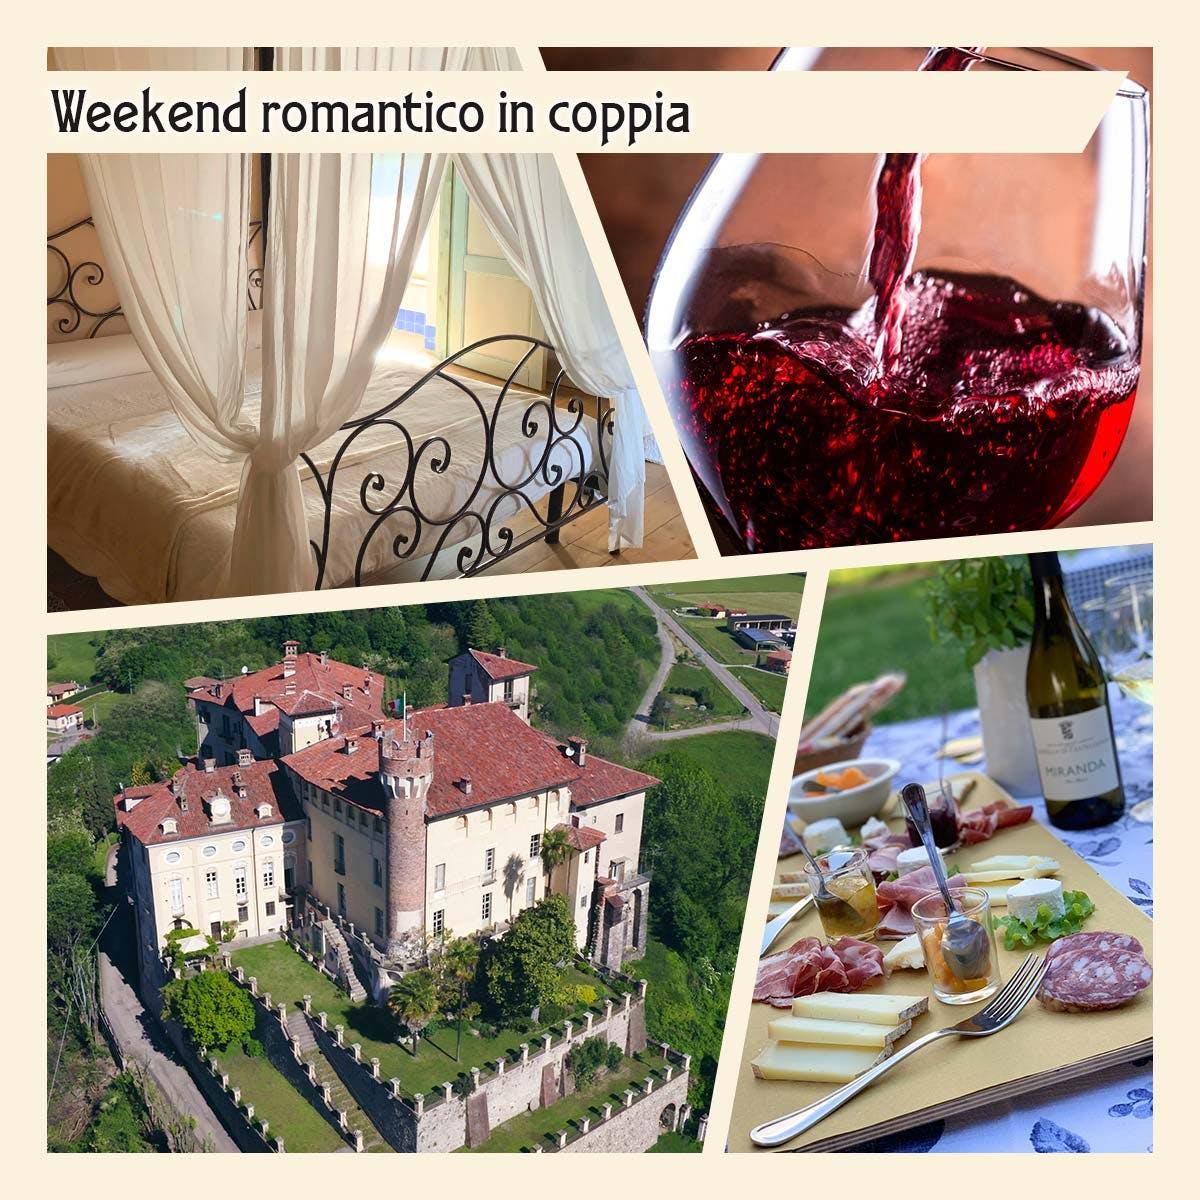 Weekend romantico in coppia: Visita guidata alle Cantine, Cena tipica, Pernotto e Colazione